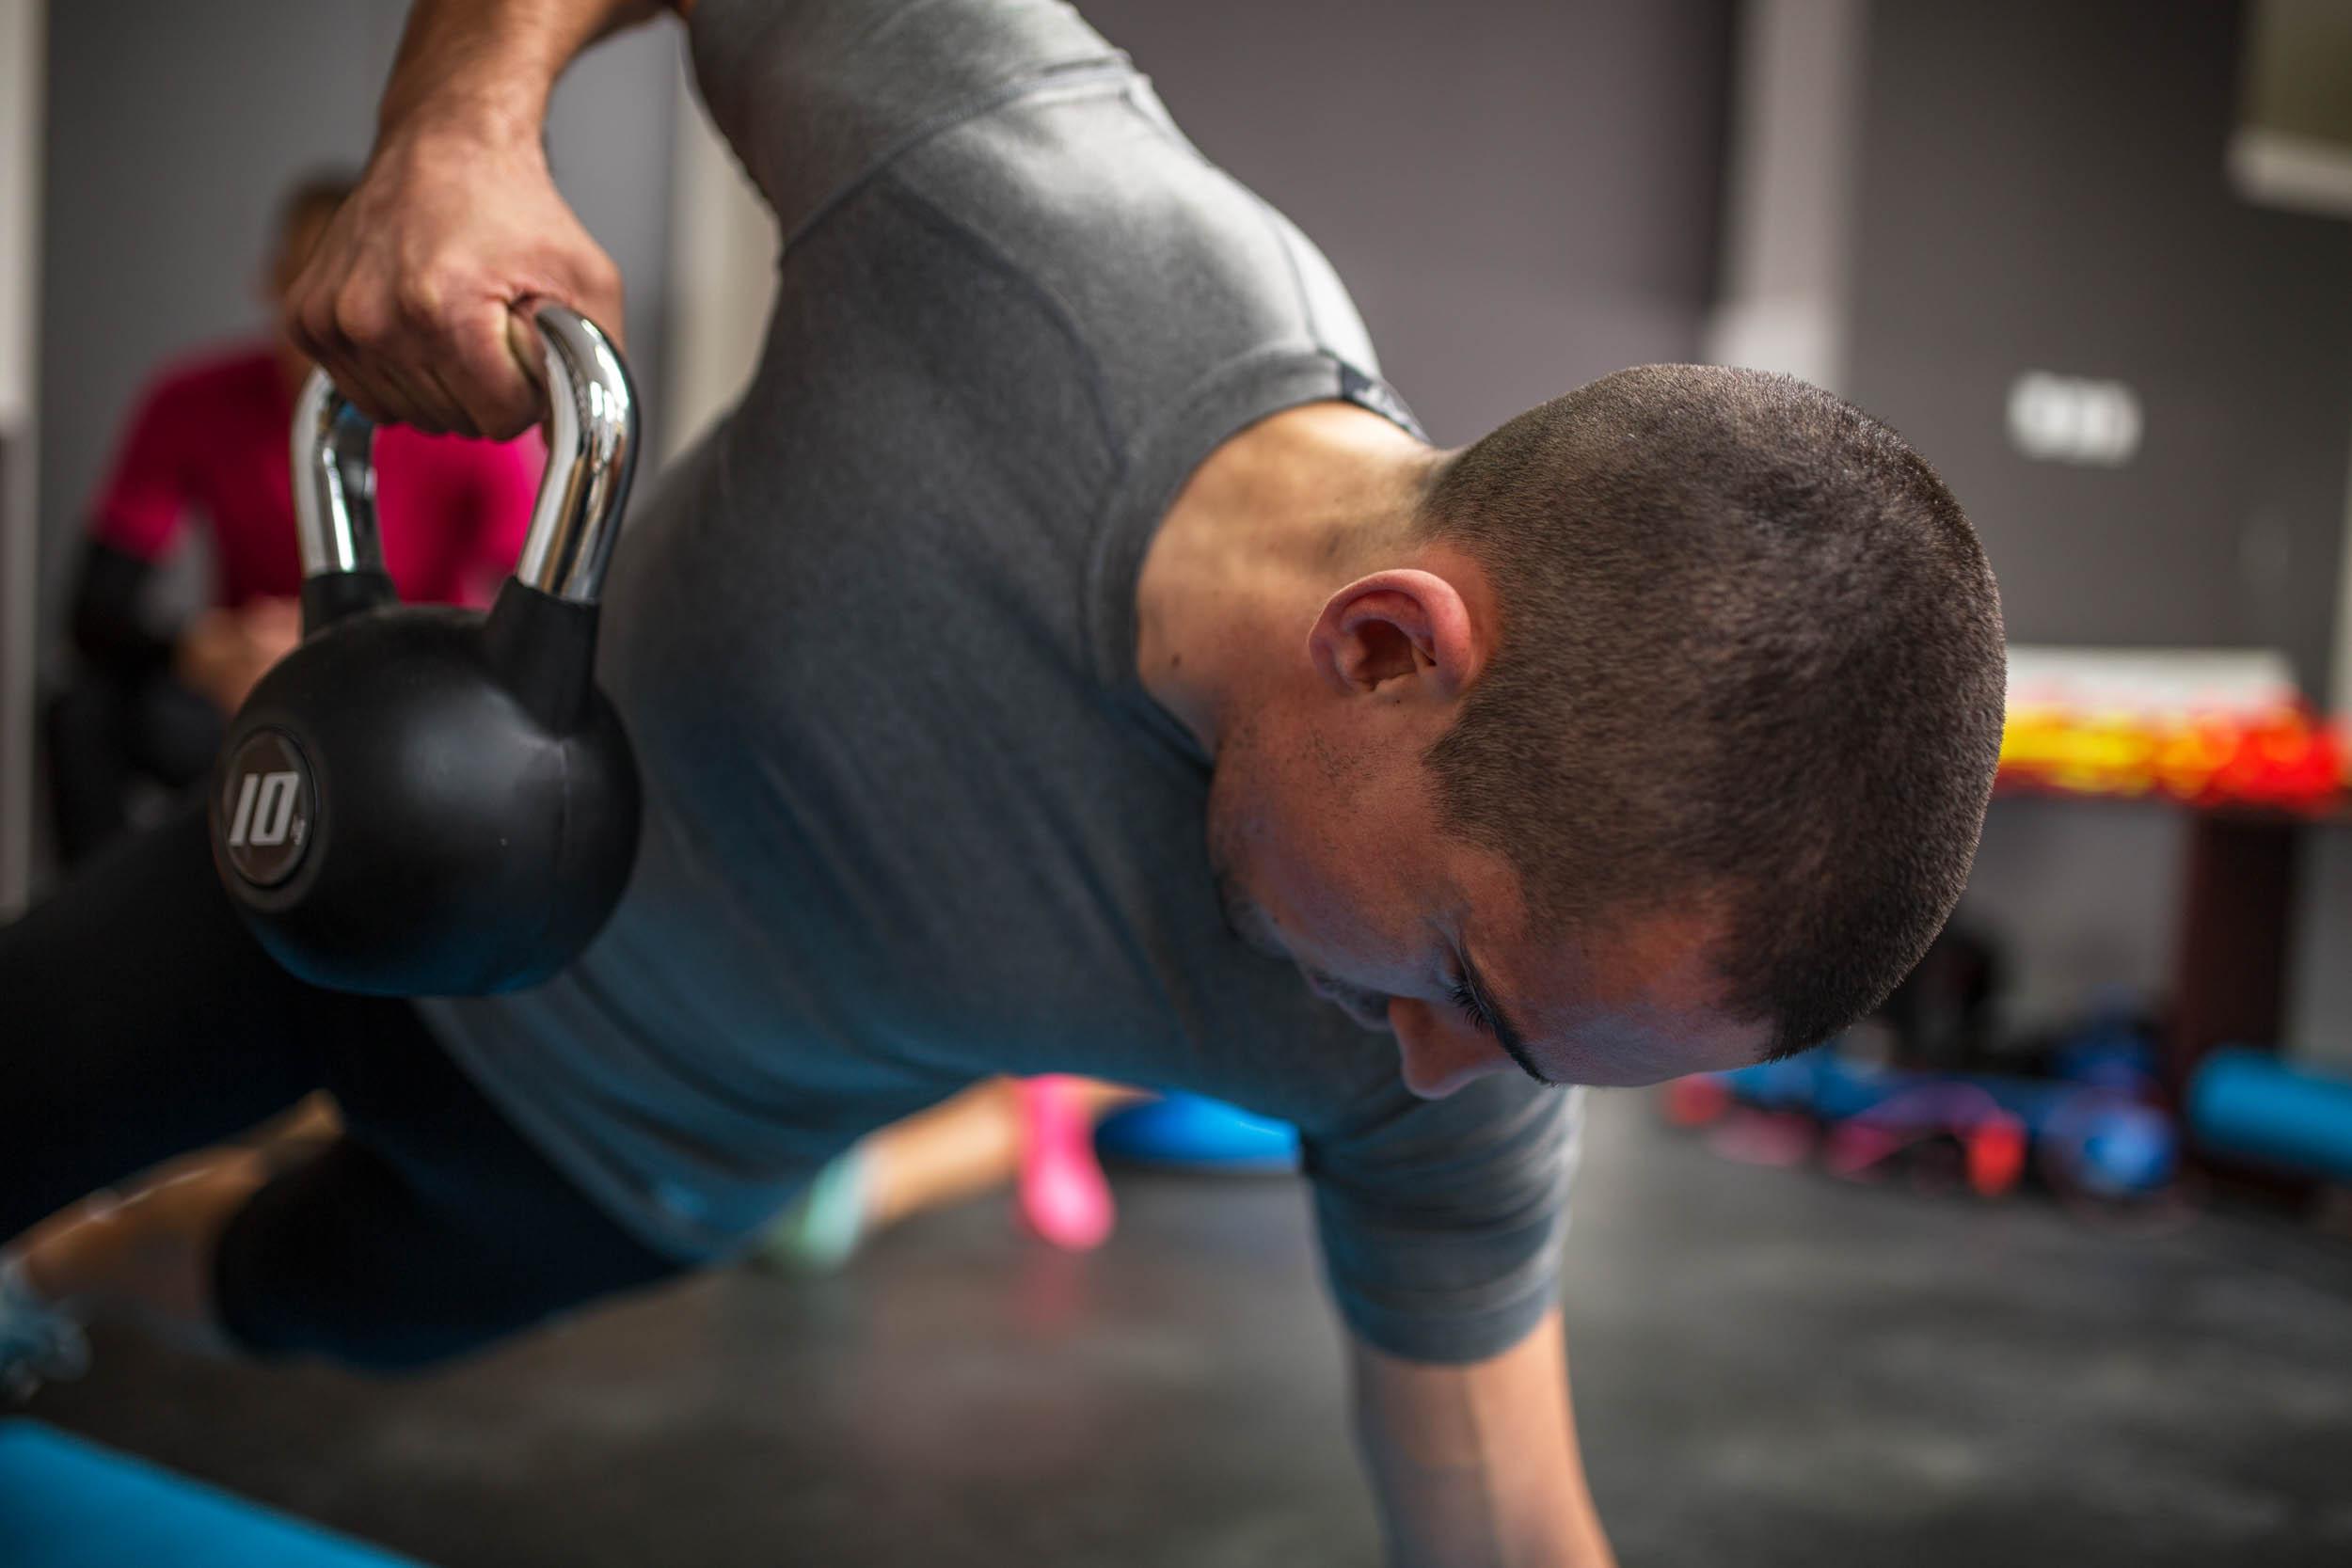 Картинки выполнения техники упражнений в кроссфите